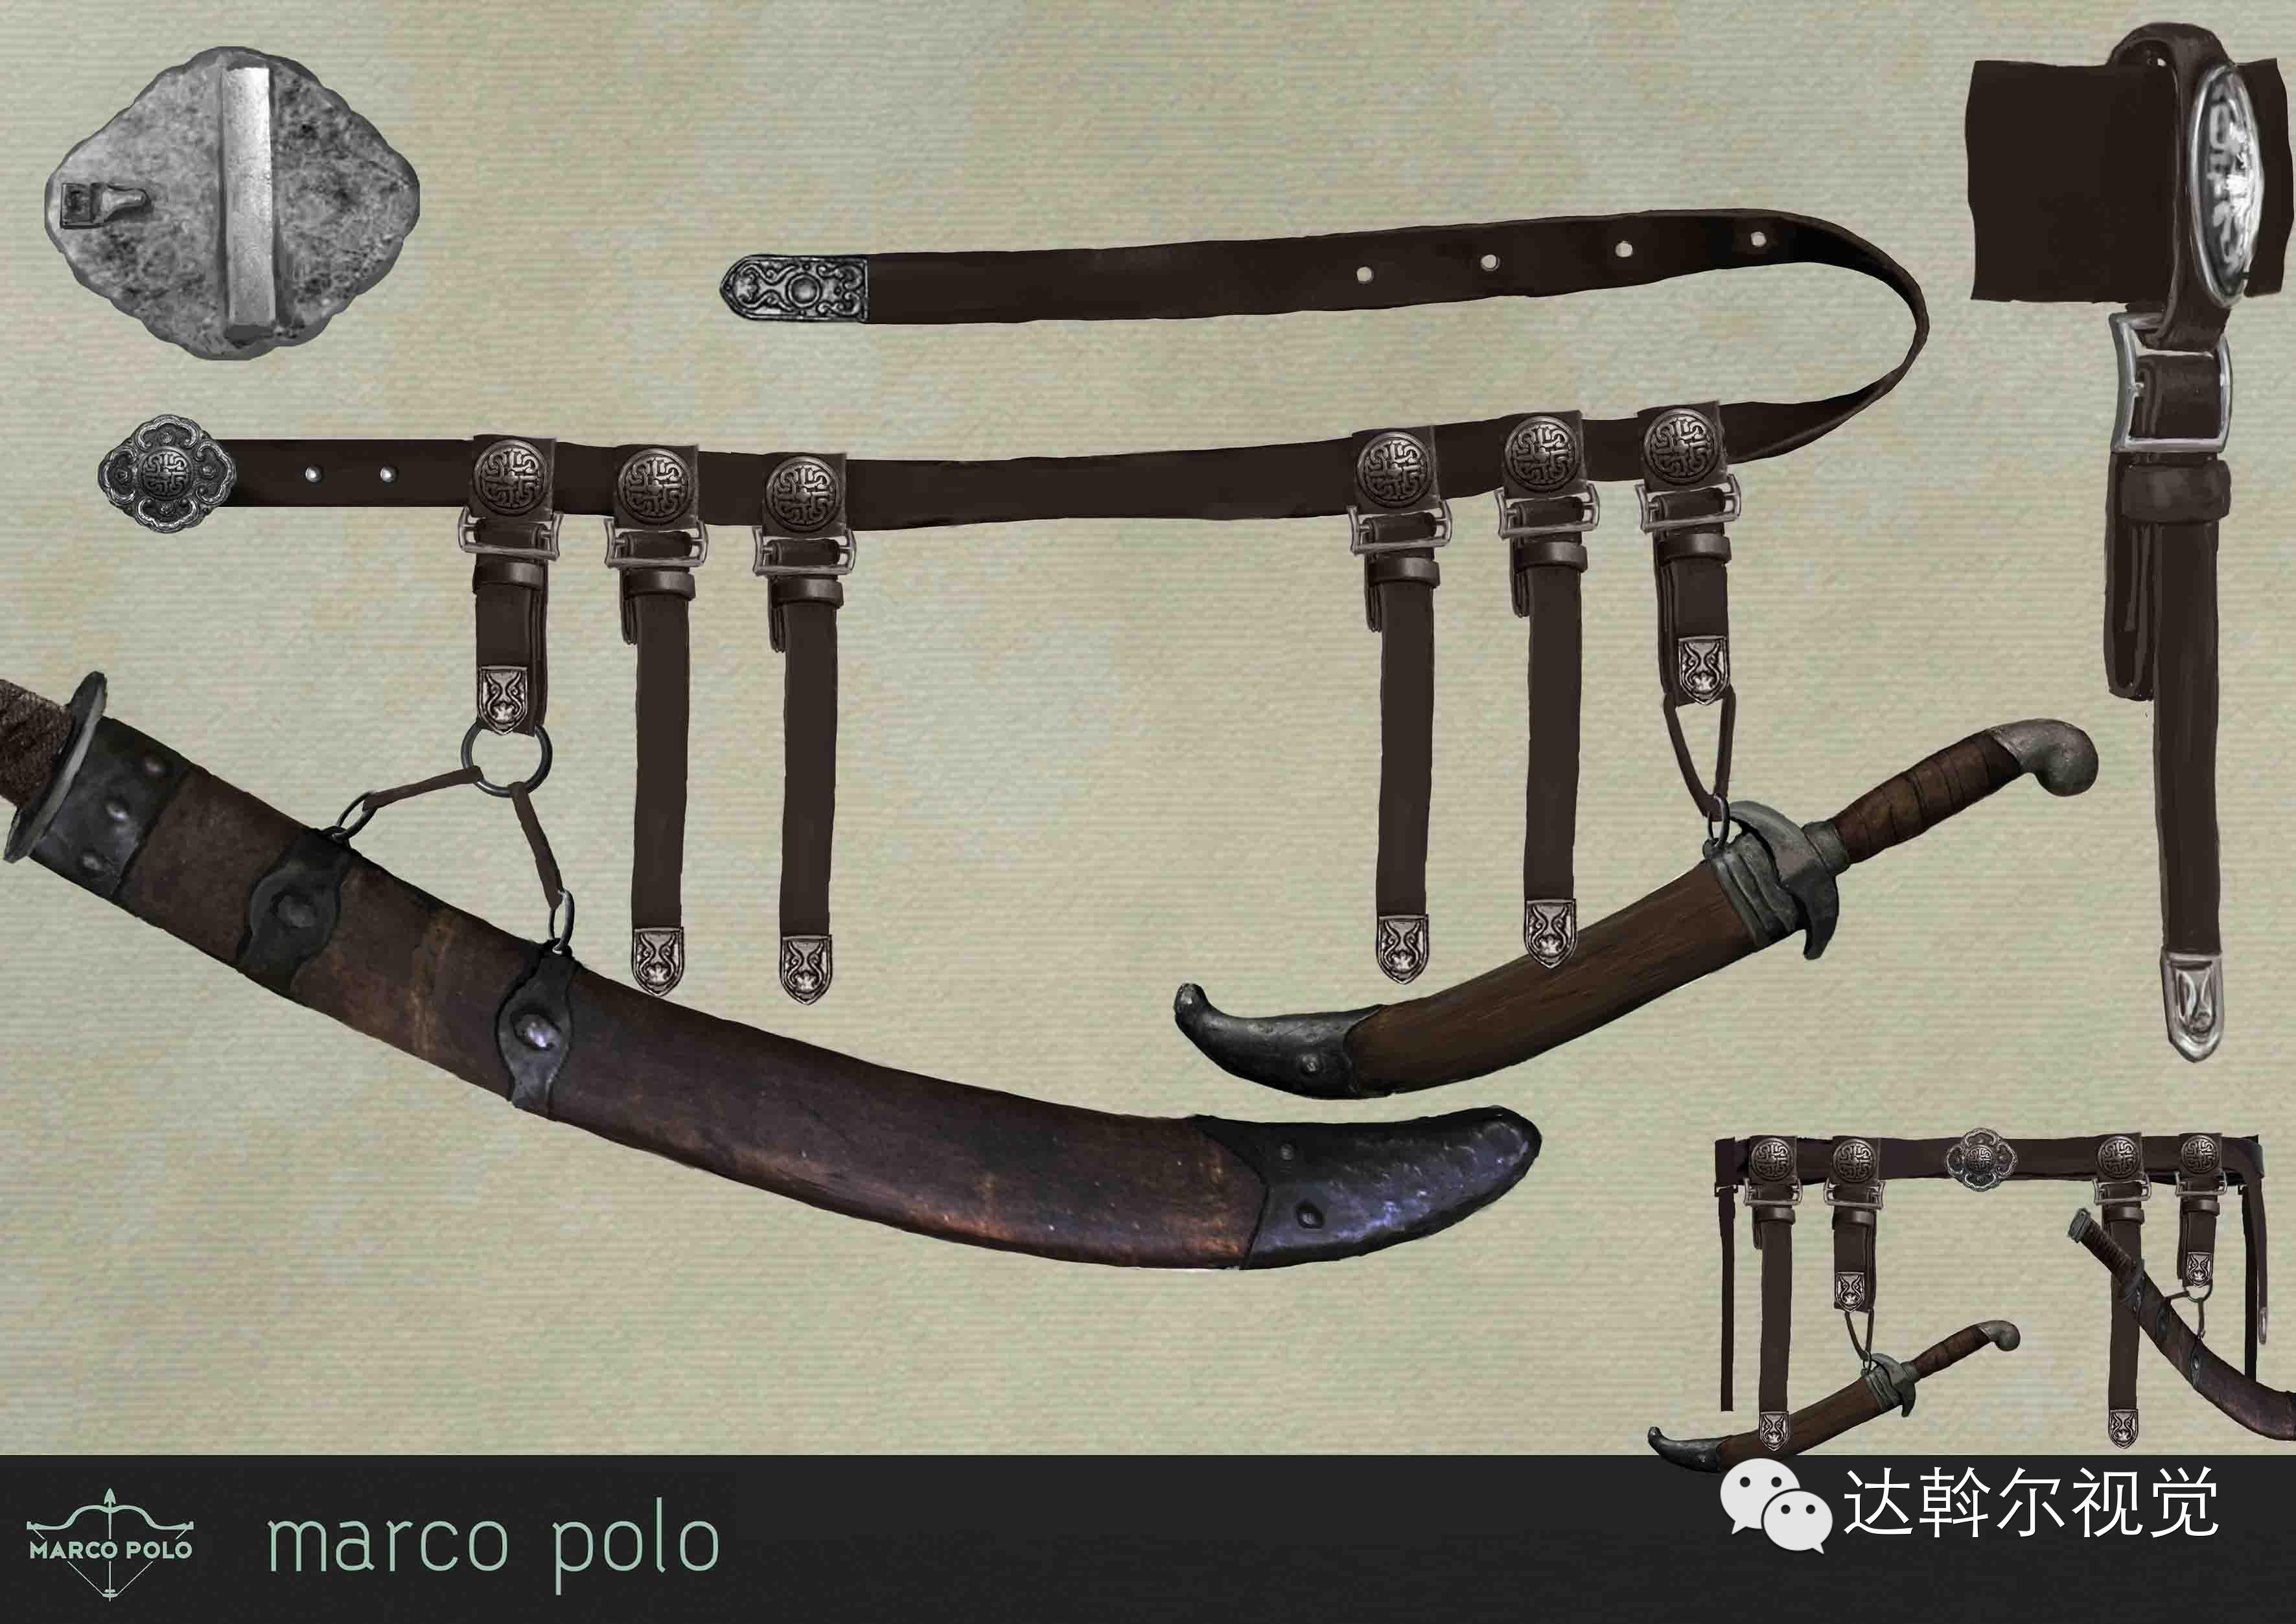 蒙古题材美剧《马可波罗》兵器设计欣赏 第27张